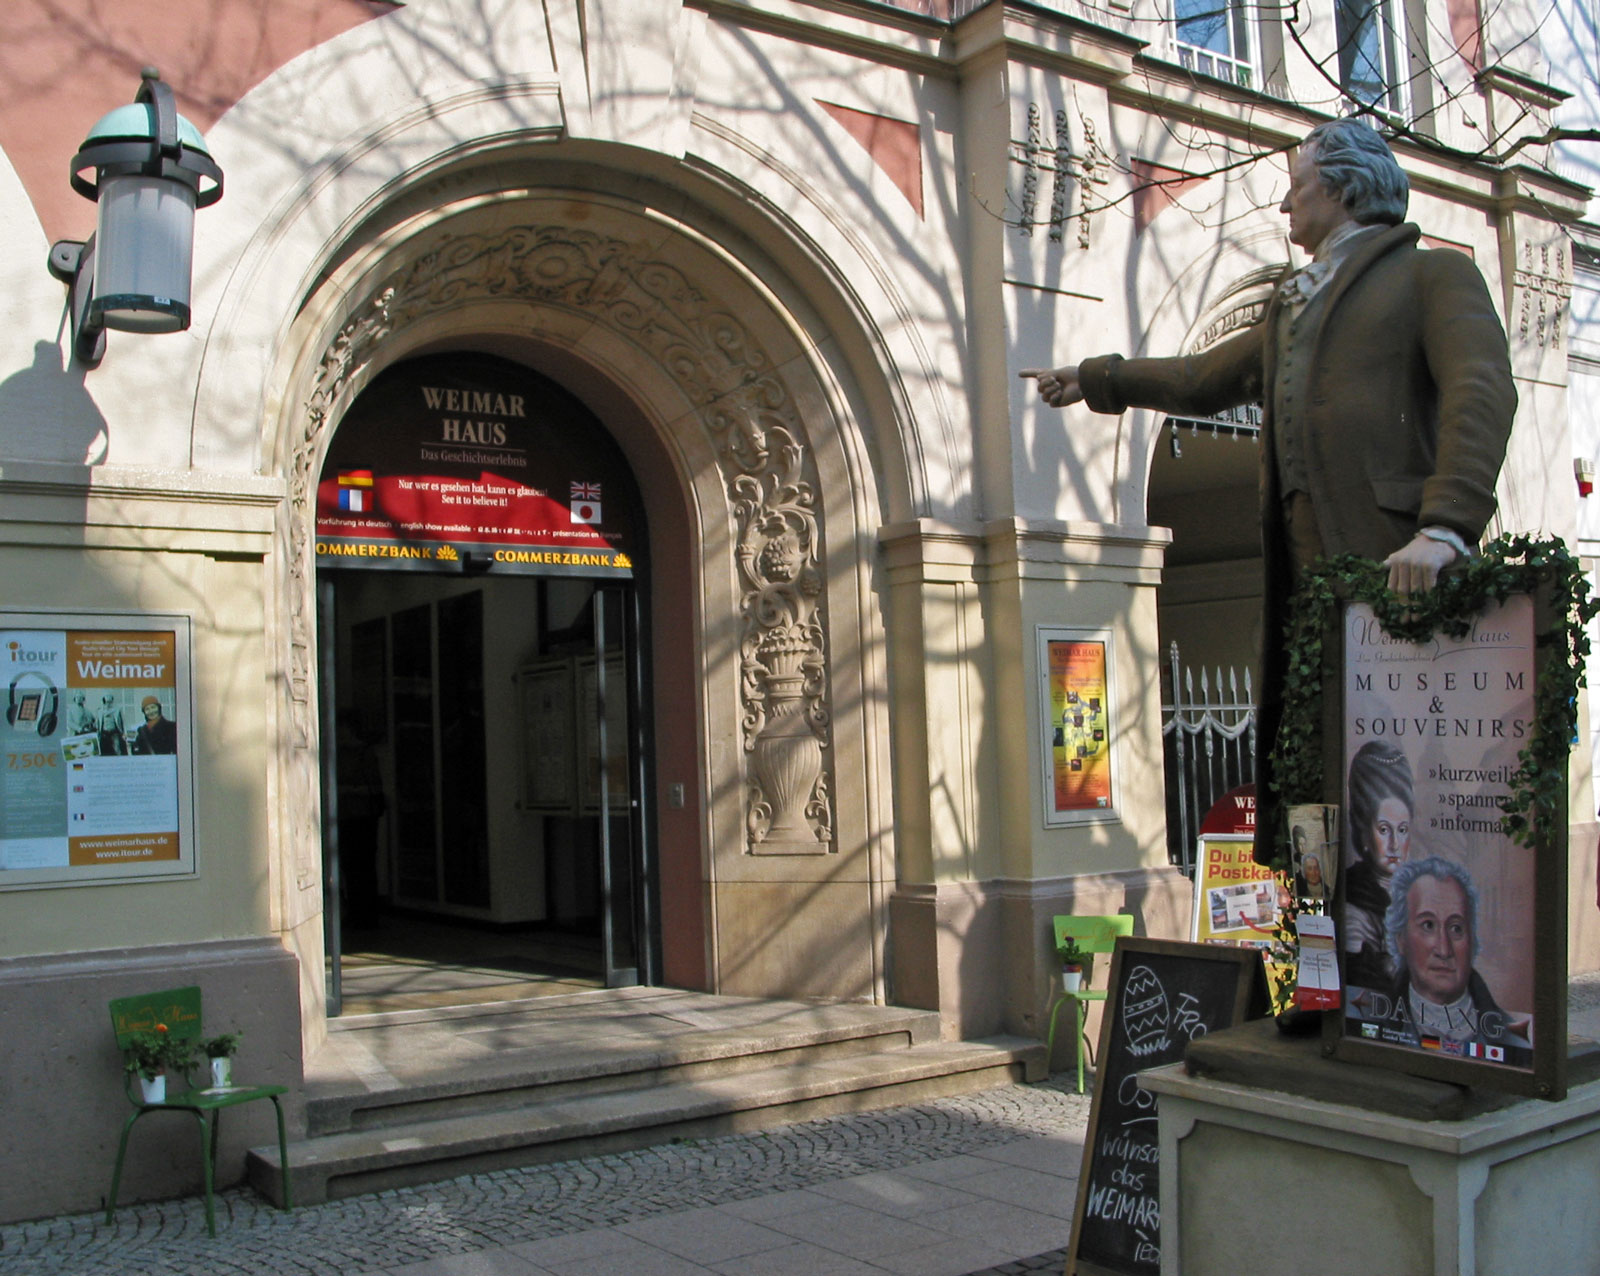 Weimar Haus